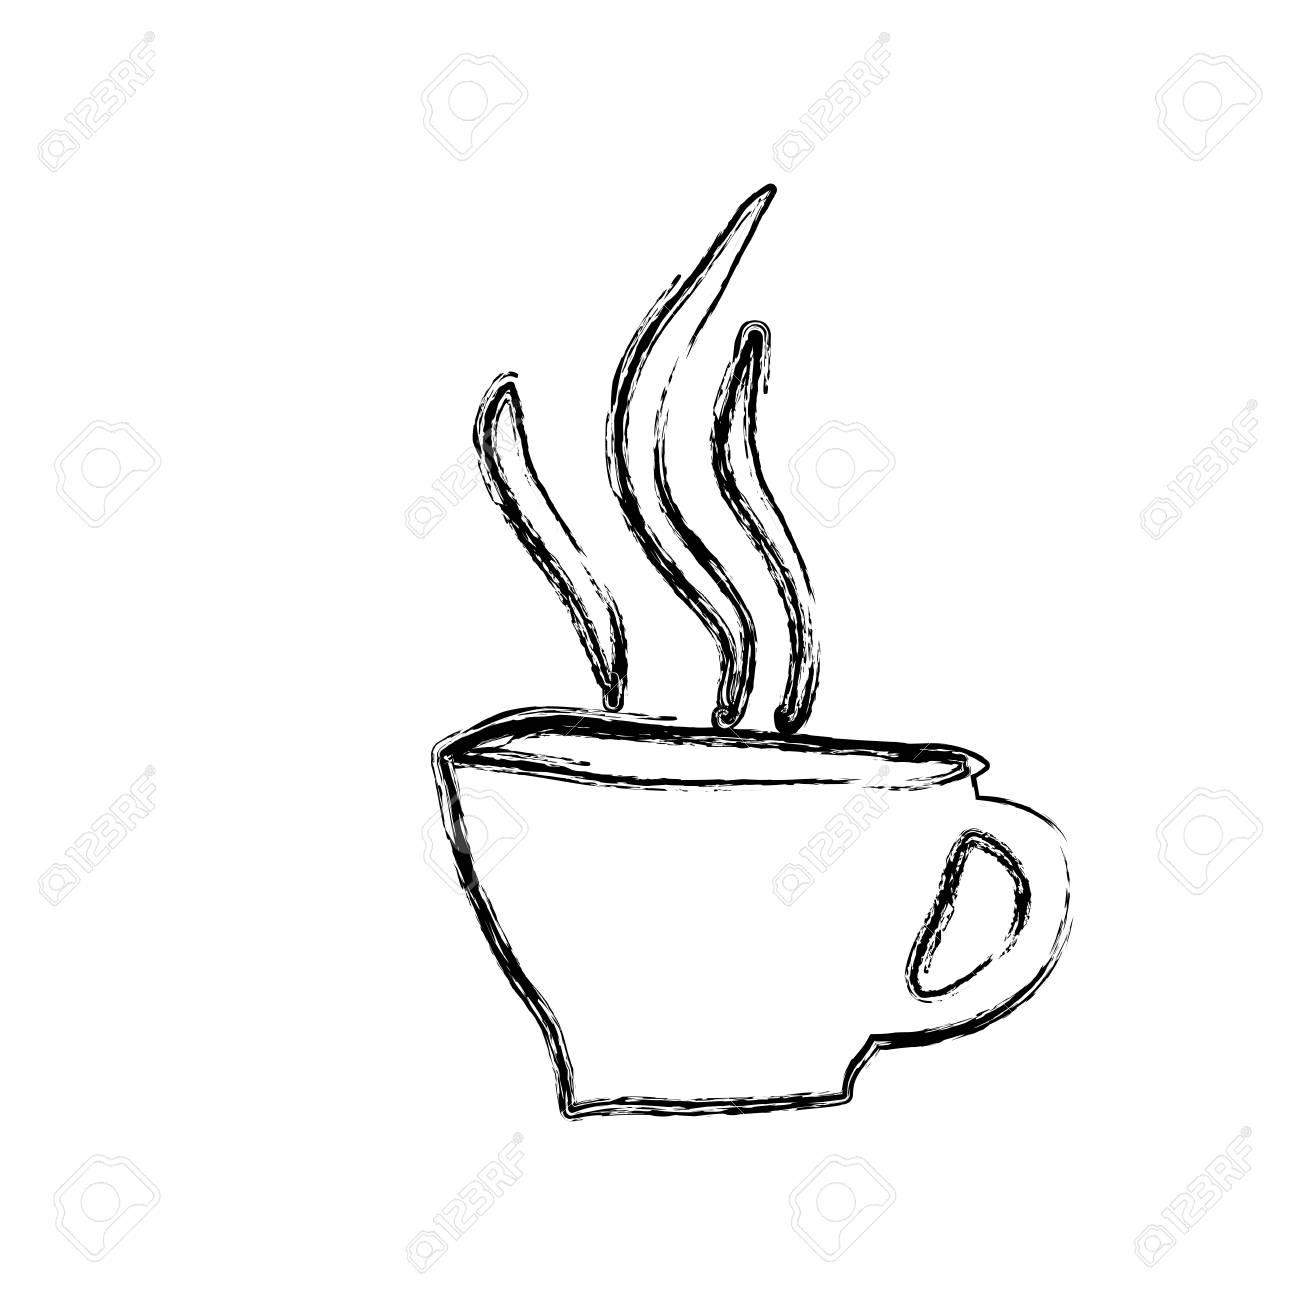 Monochrome Skizze Hand Gezeichnet Von Heißen Kaffeetasse Vektor